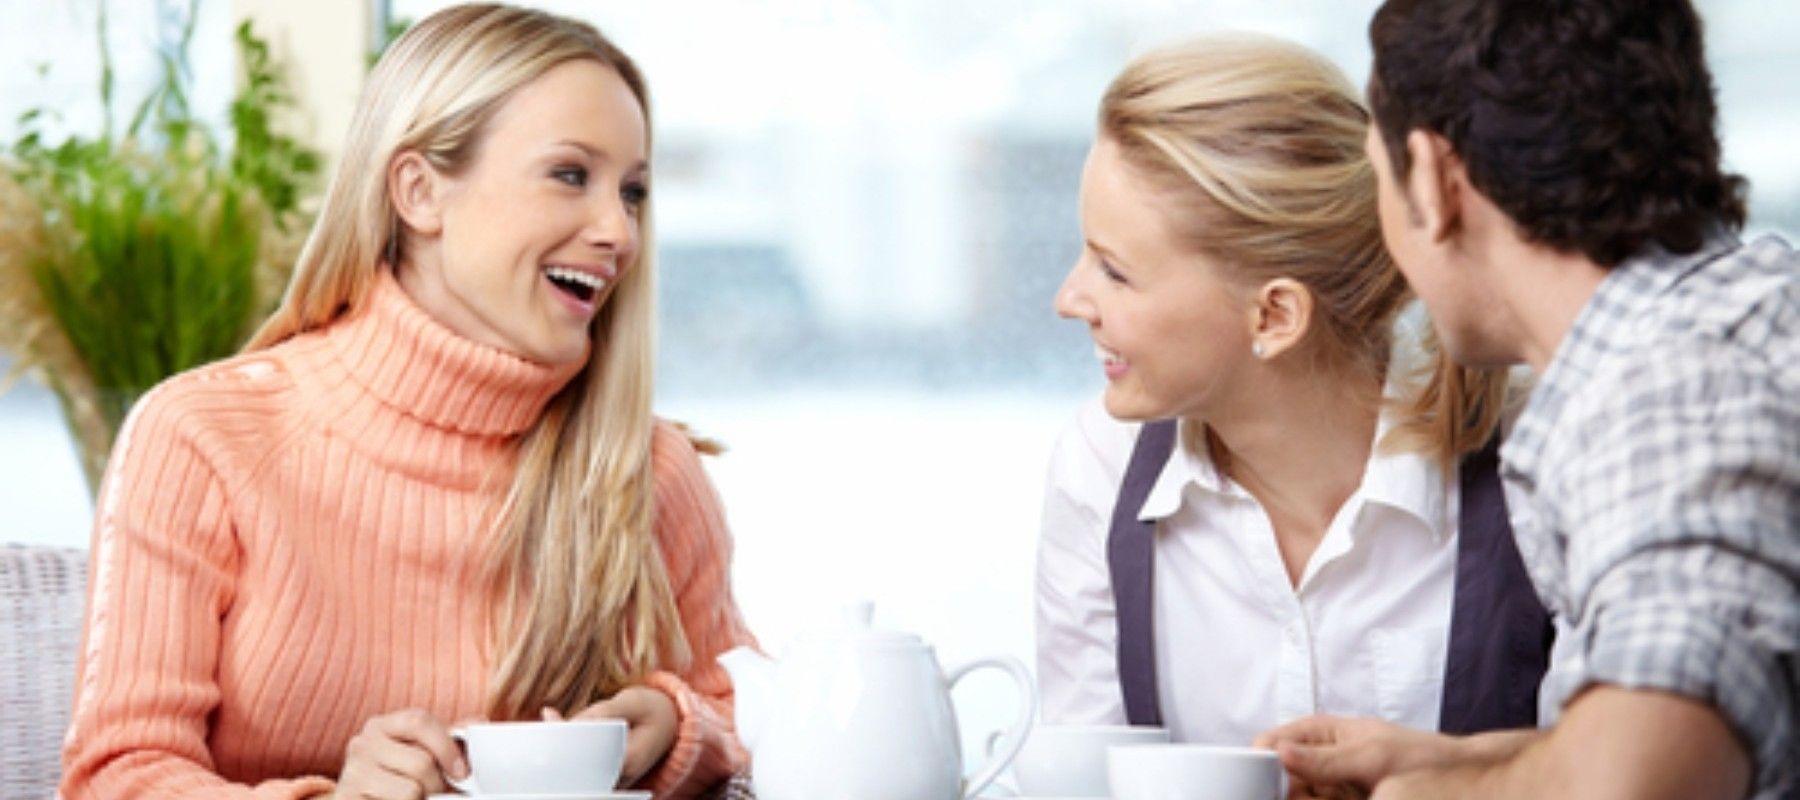 Η θετική επίδραση της ακρόασης στις σχέσεις